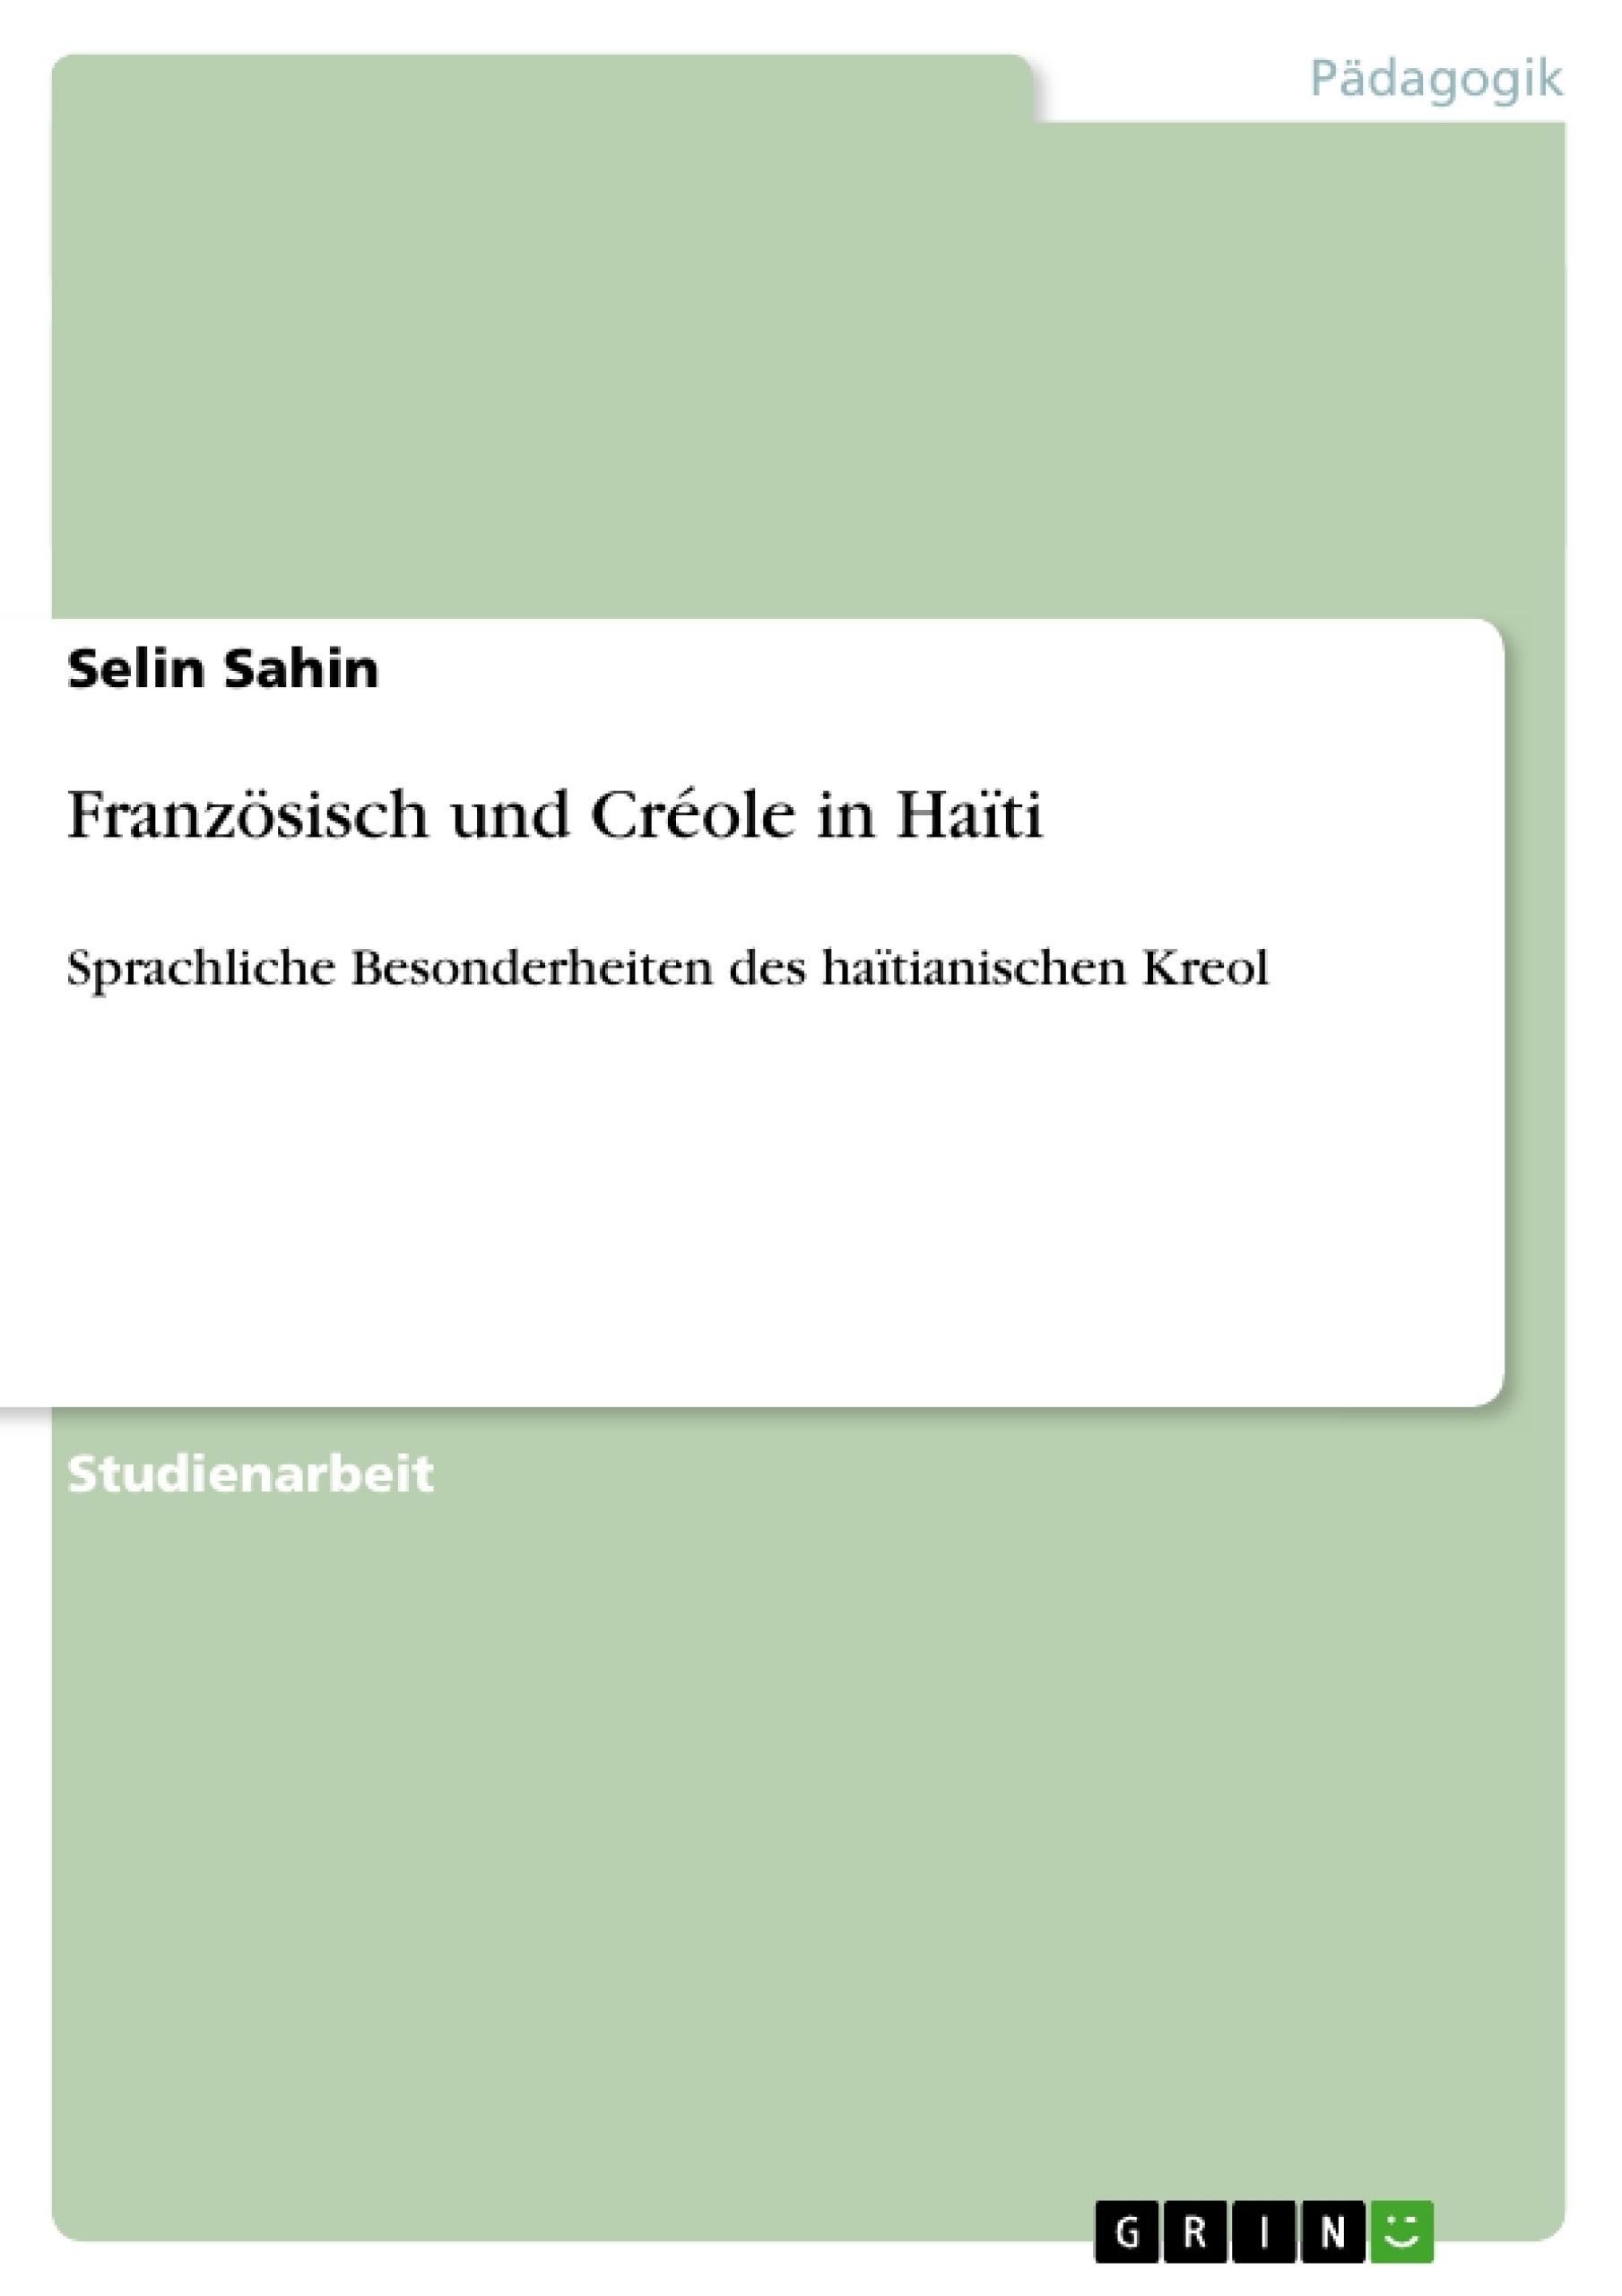 Titel: Französisch und Créole in Haïti